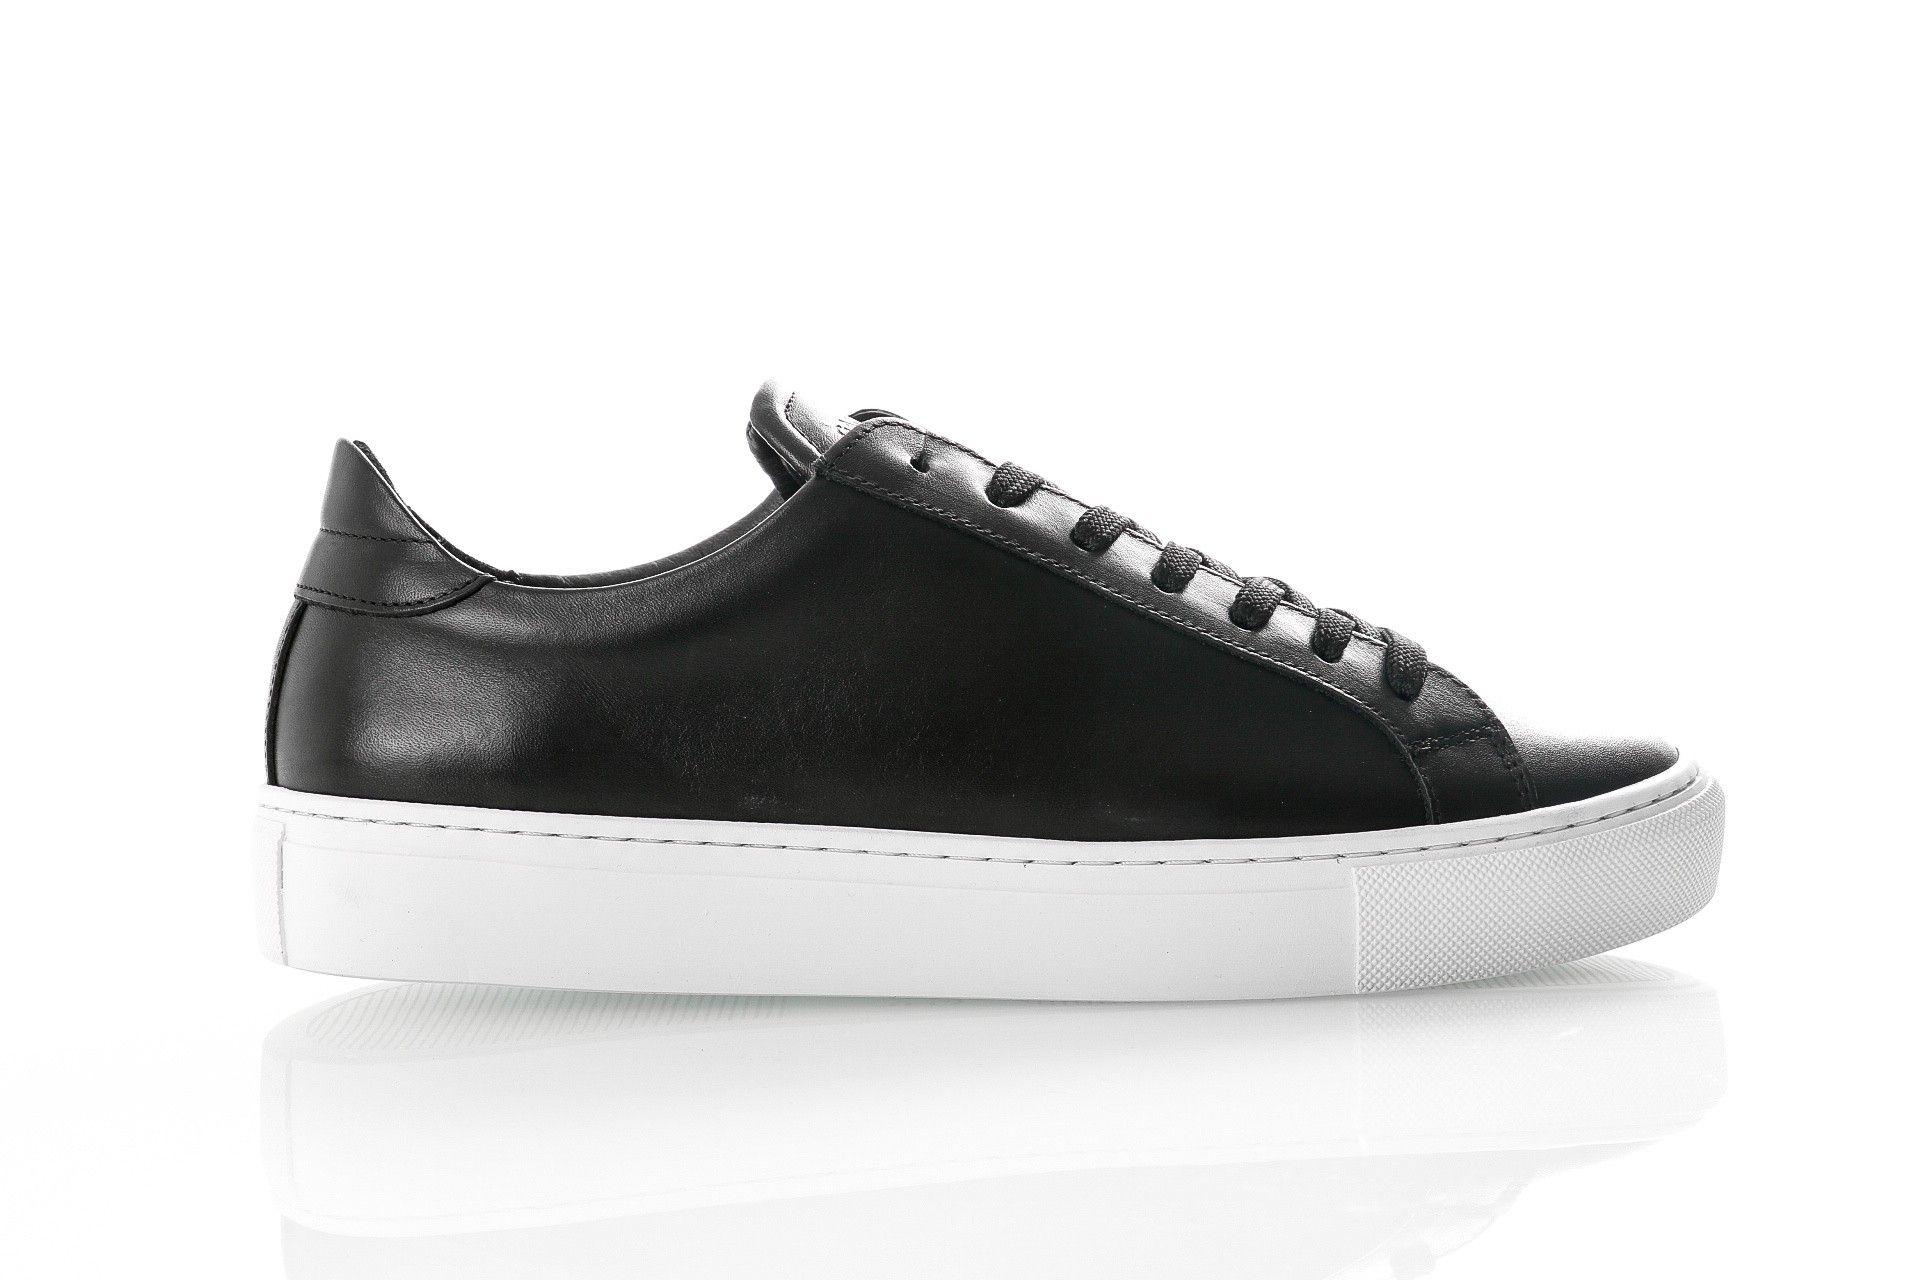 Afbeelding van Garment Project Type Gp1772-999 Sneakers Black